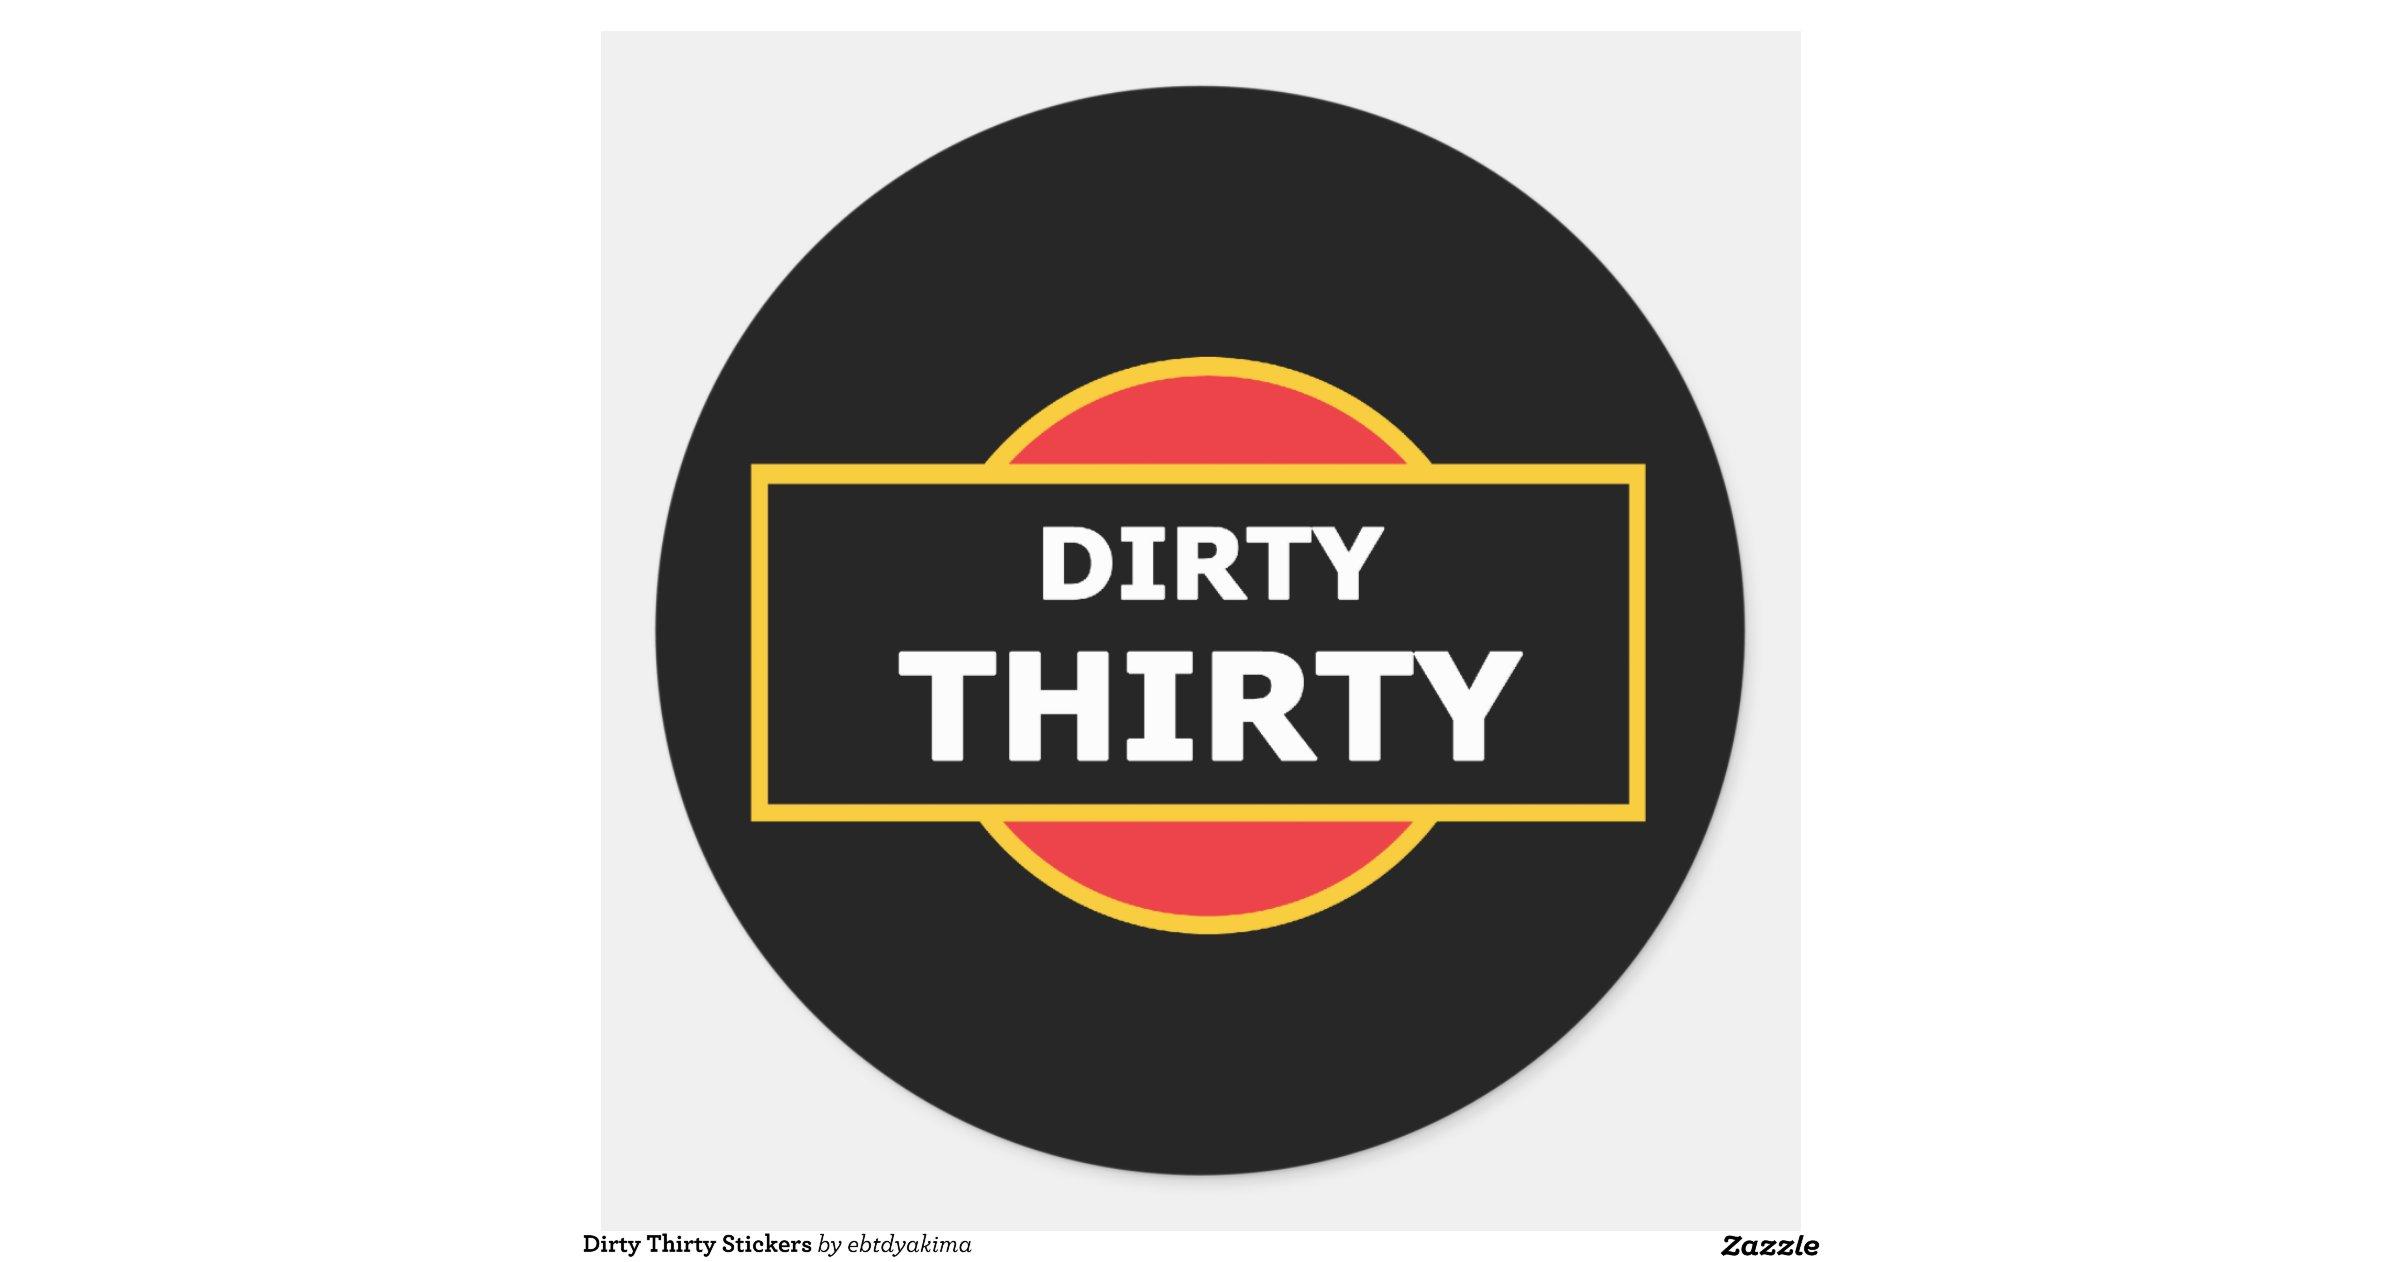 Dirtythirtystickers ra11ab13be8264a3d88f1f5db795b26a5